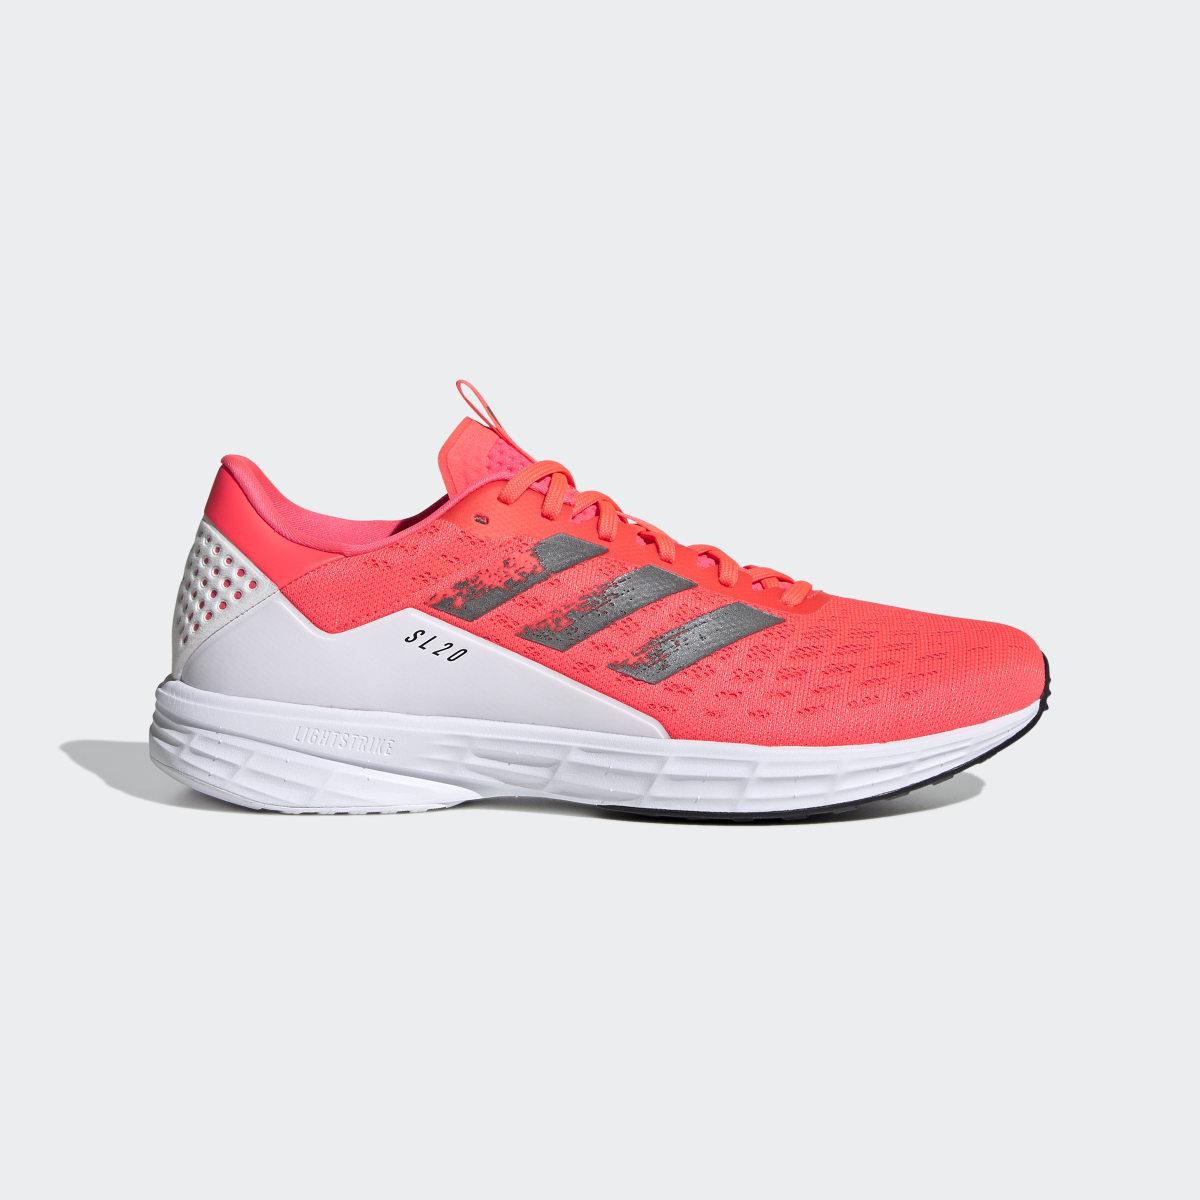 SL20 Shoes